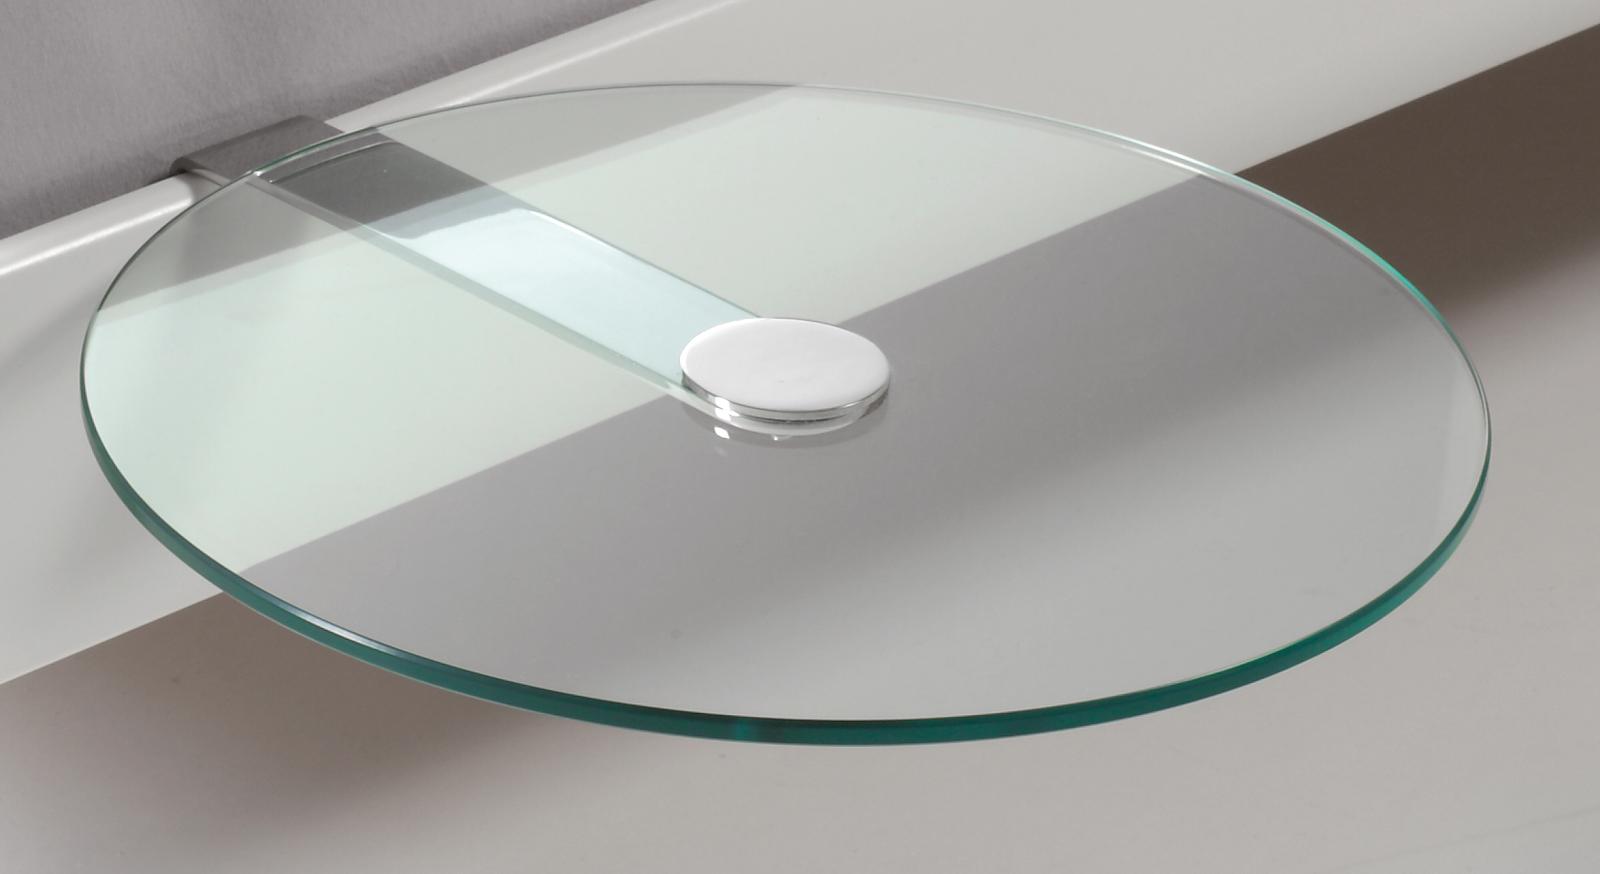 nachttisch aus rundem esg glas malaga. Black Bedroom Furniture Sets. Home Design Ideas